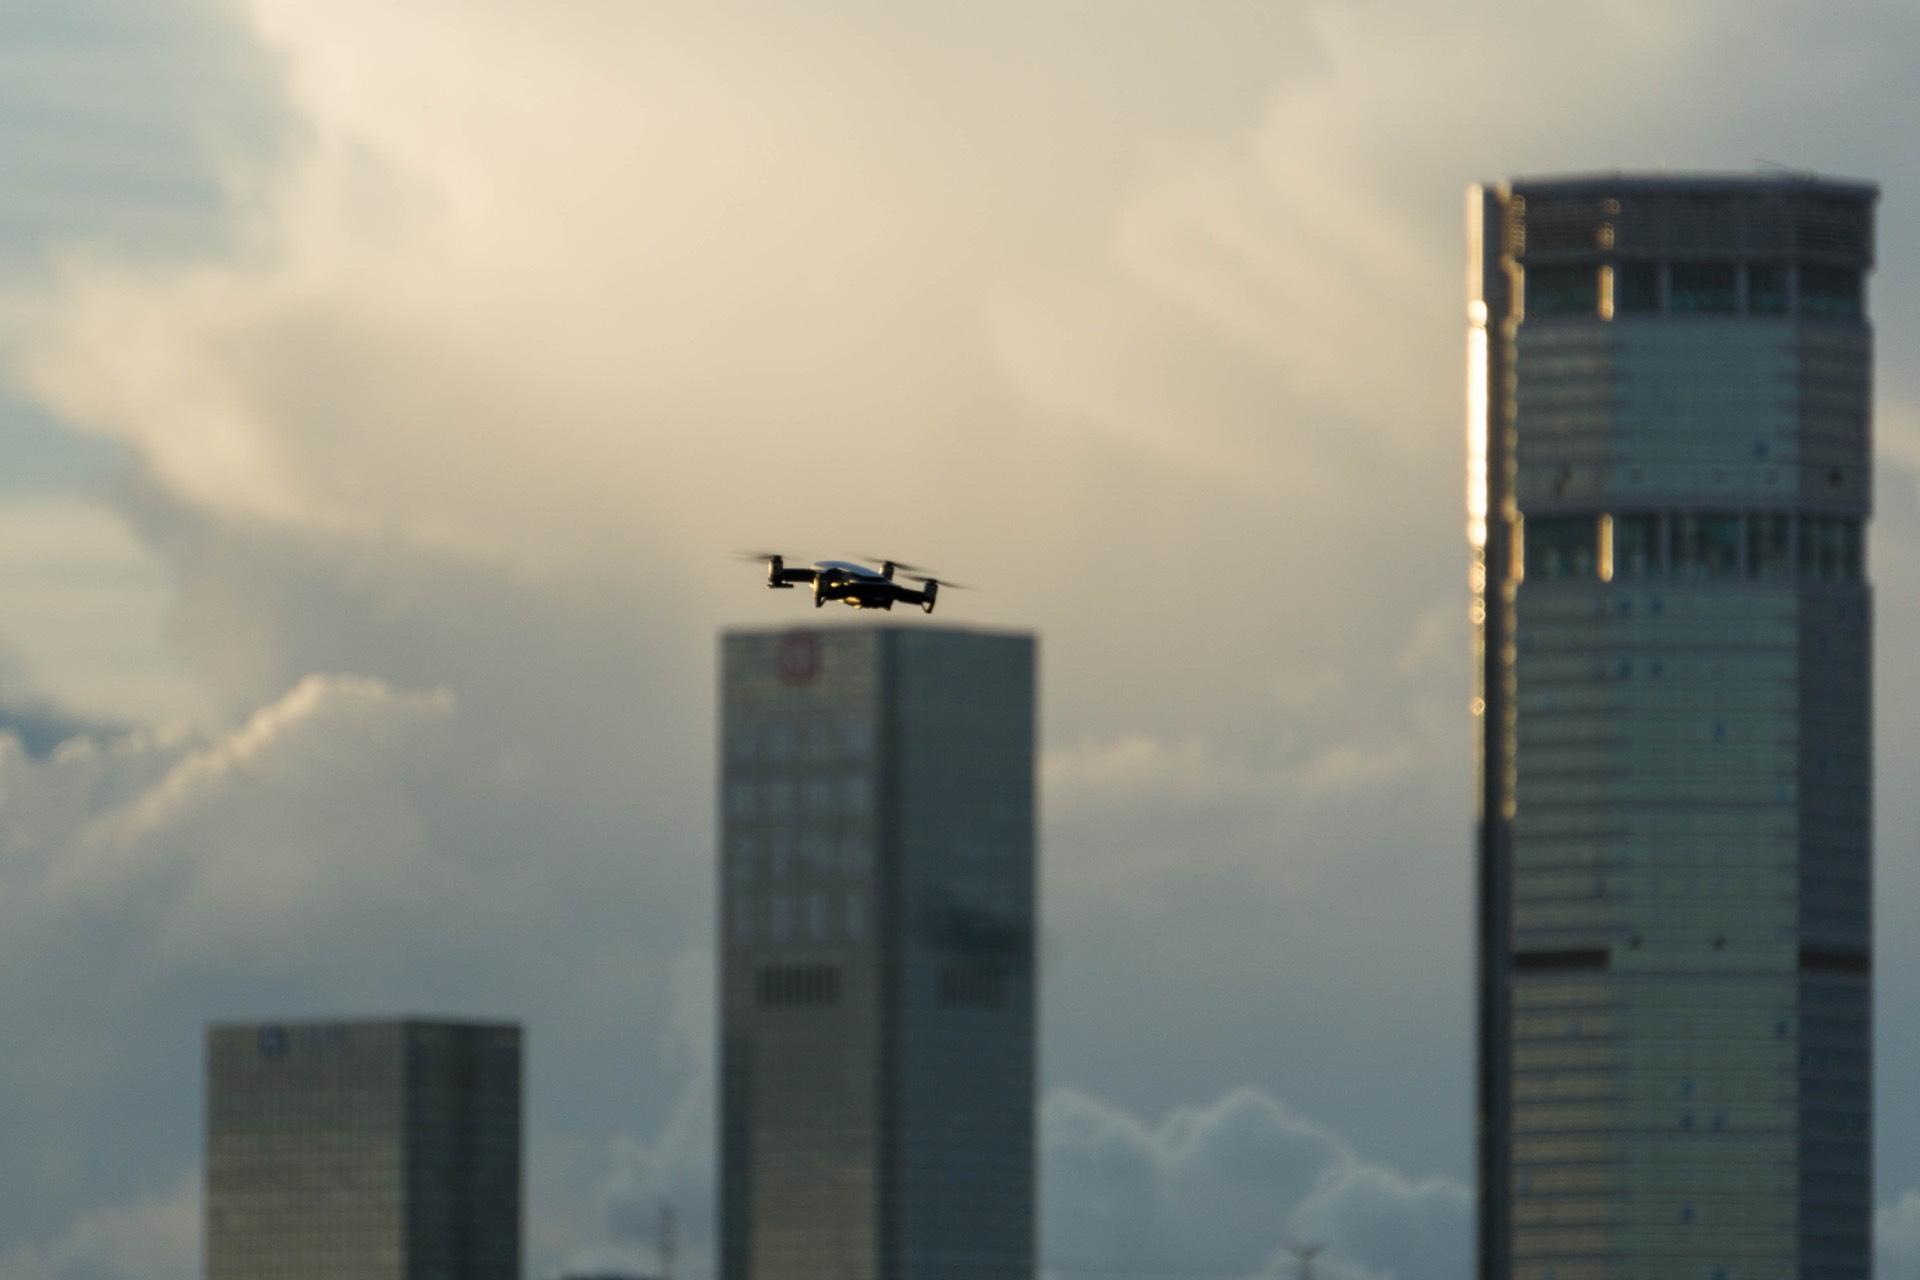 无人机和赛格大厦(已经拆掉了楼顶的铁塔)